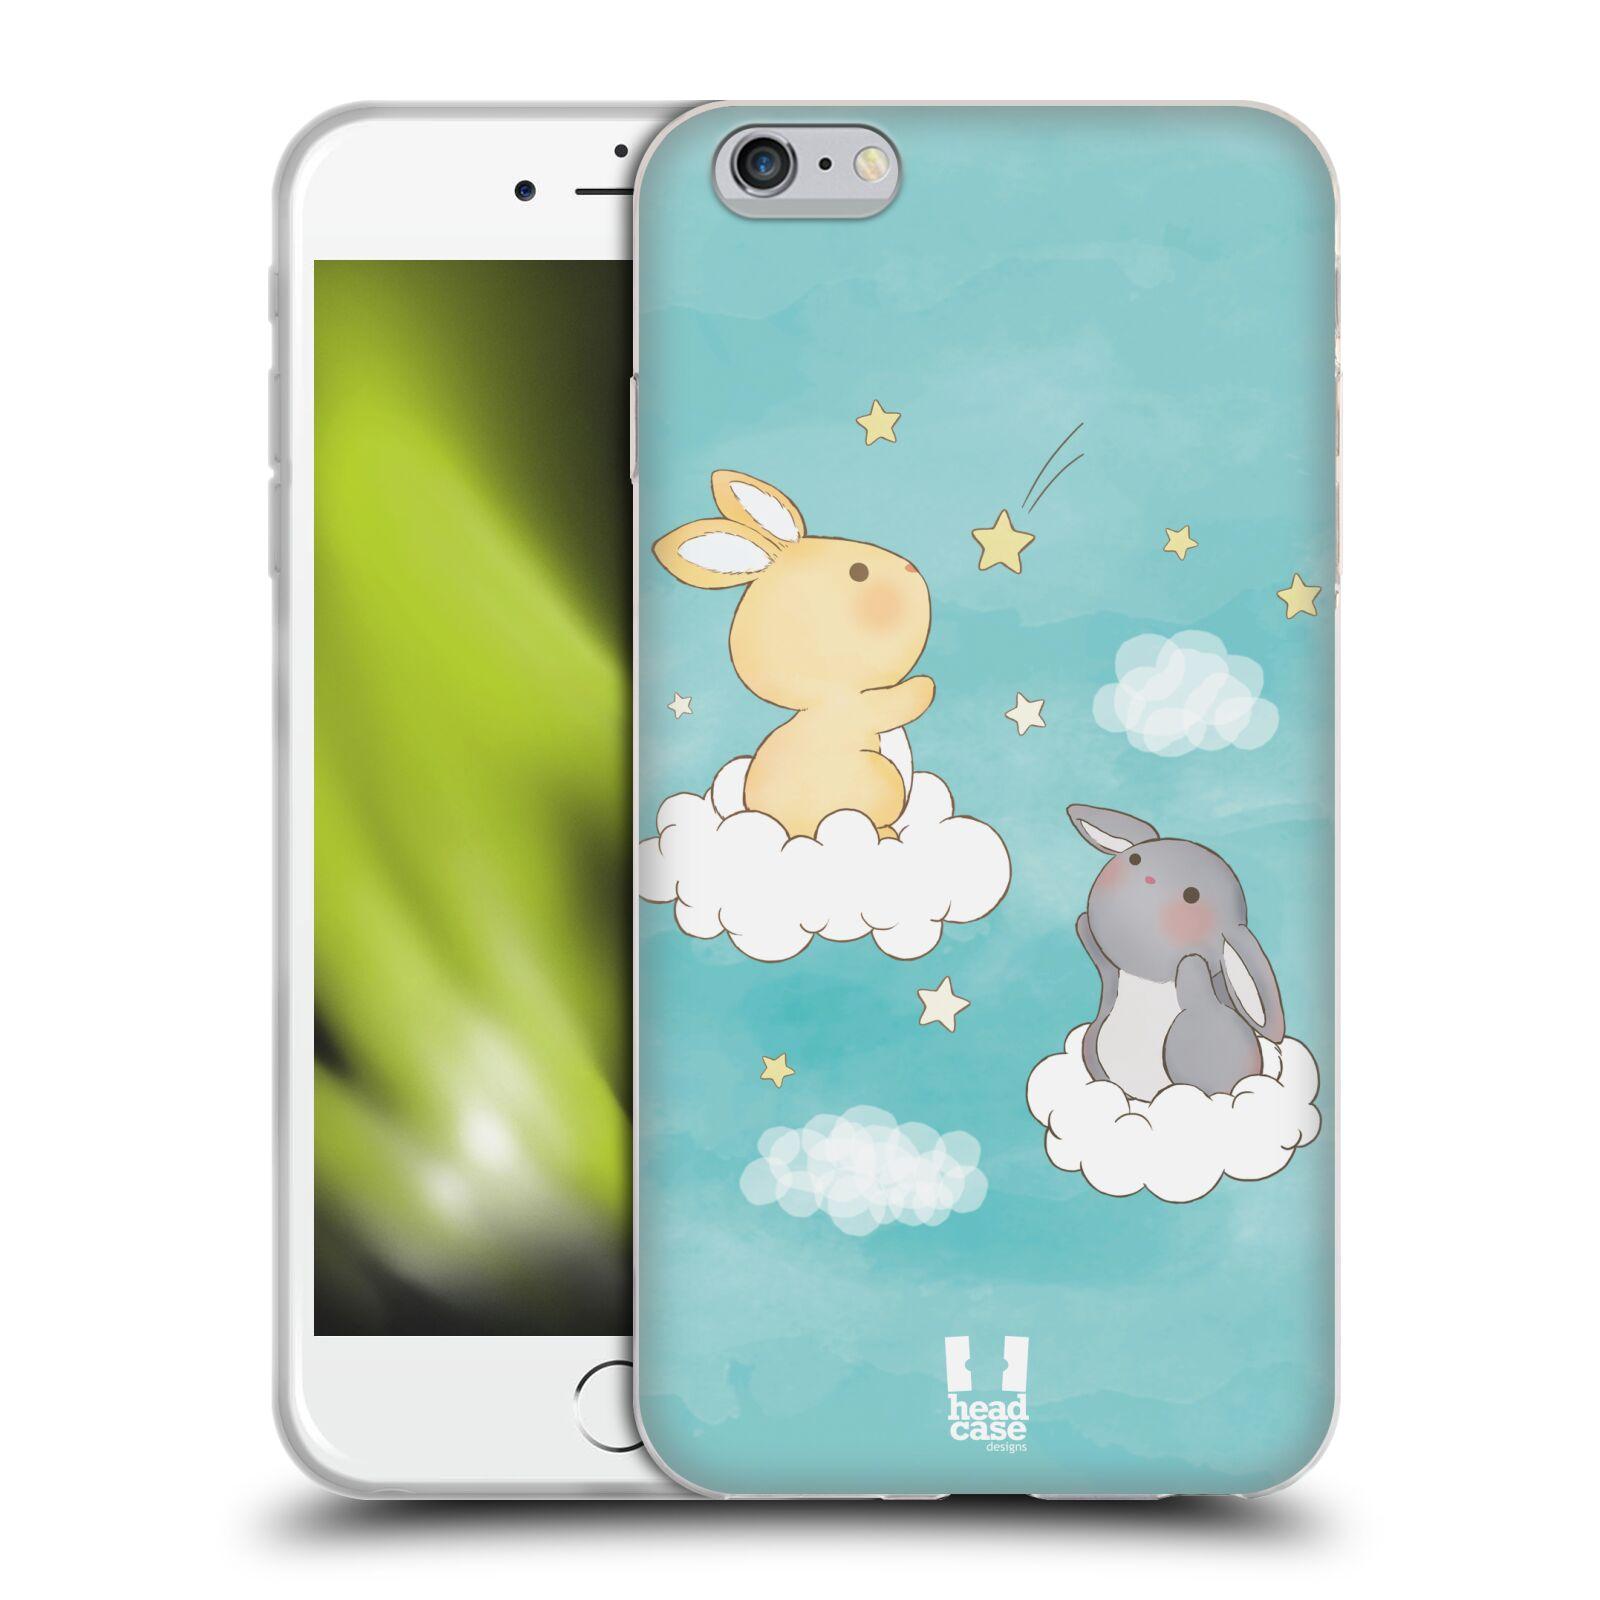 HEAD CASE silikonový obal na mobil Apple Iphone 6 PLUS/ 6S PLUS vzor králíček a hvězdy modrá